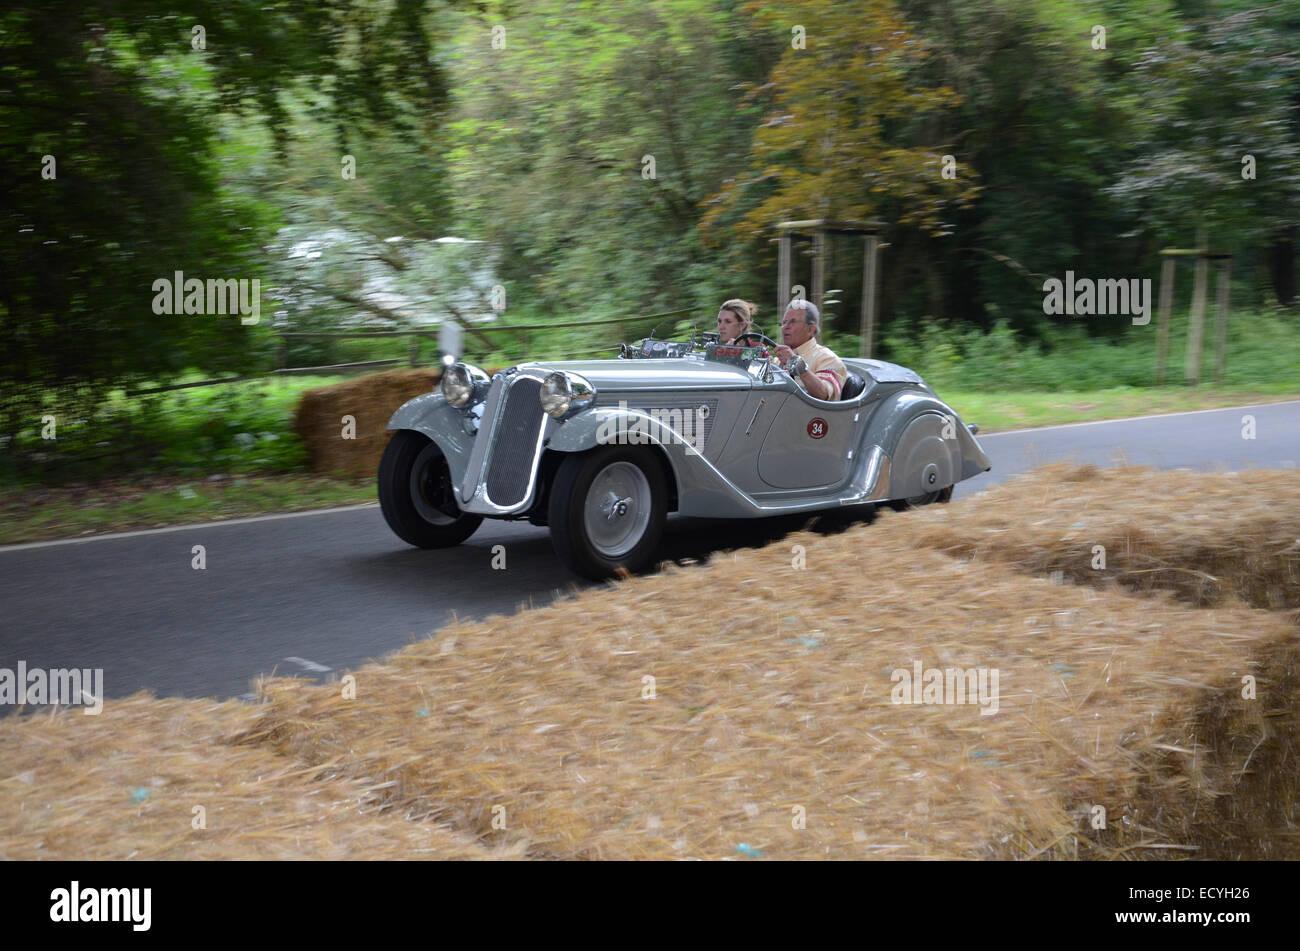 1930s Frazer-Nash BMW 315 at Classic Days 2014 at Dyck Castle near Düsseldorf, North Rhine Westphalia, Germany, - Stock Image